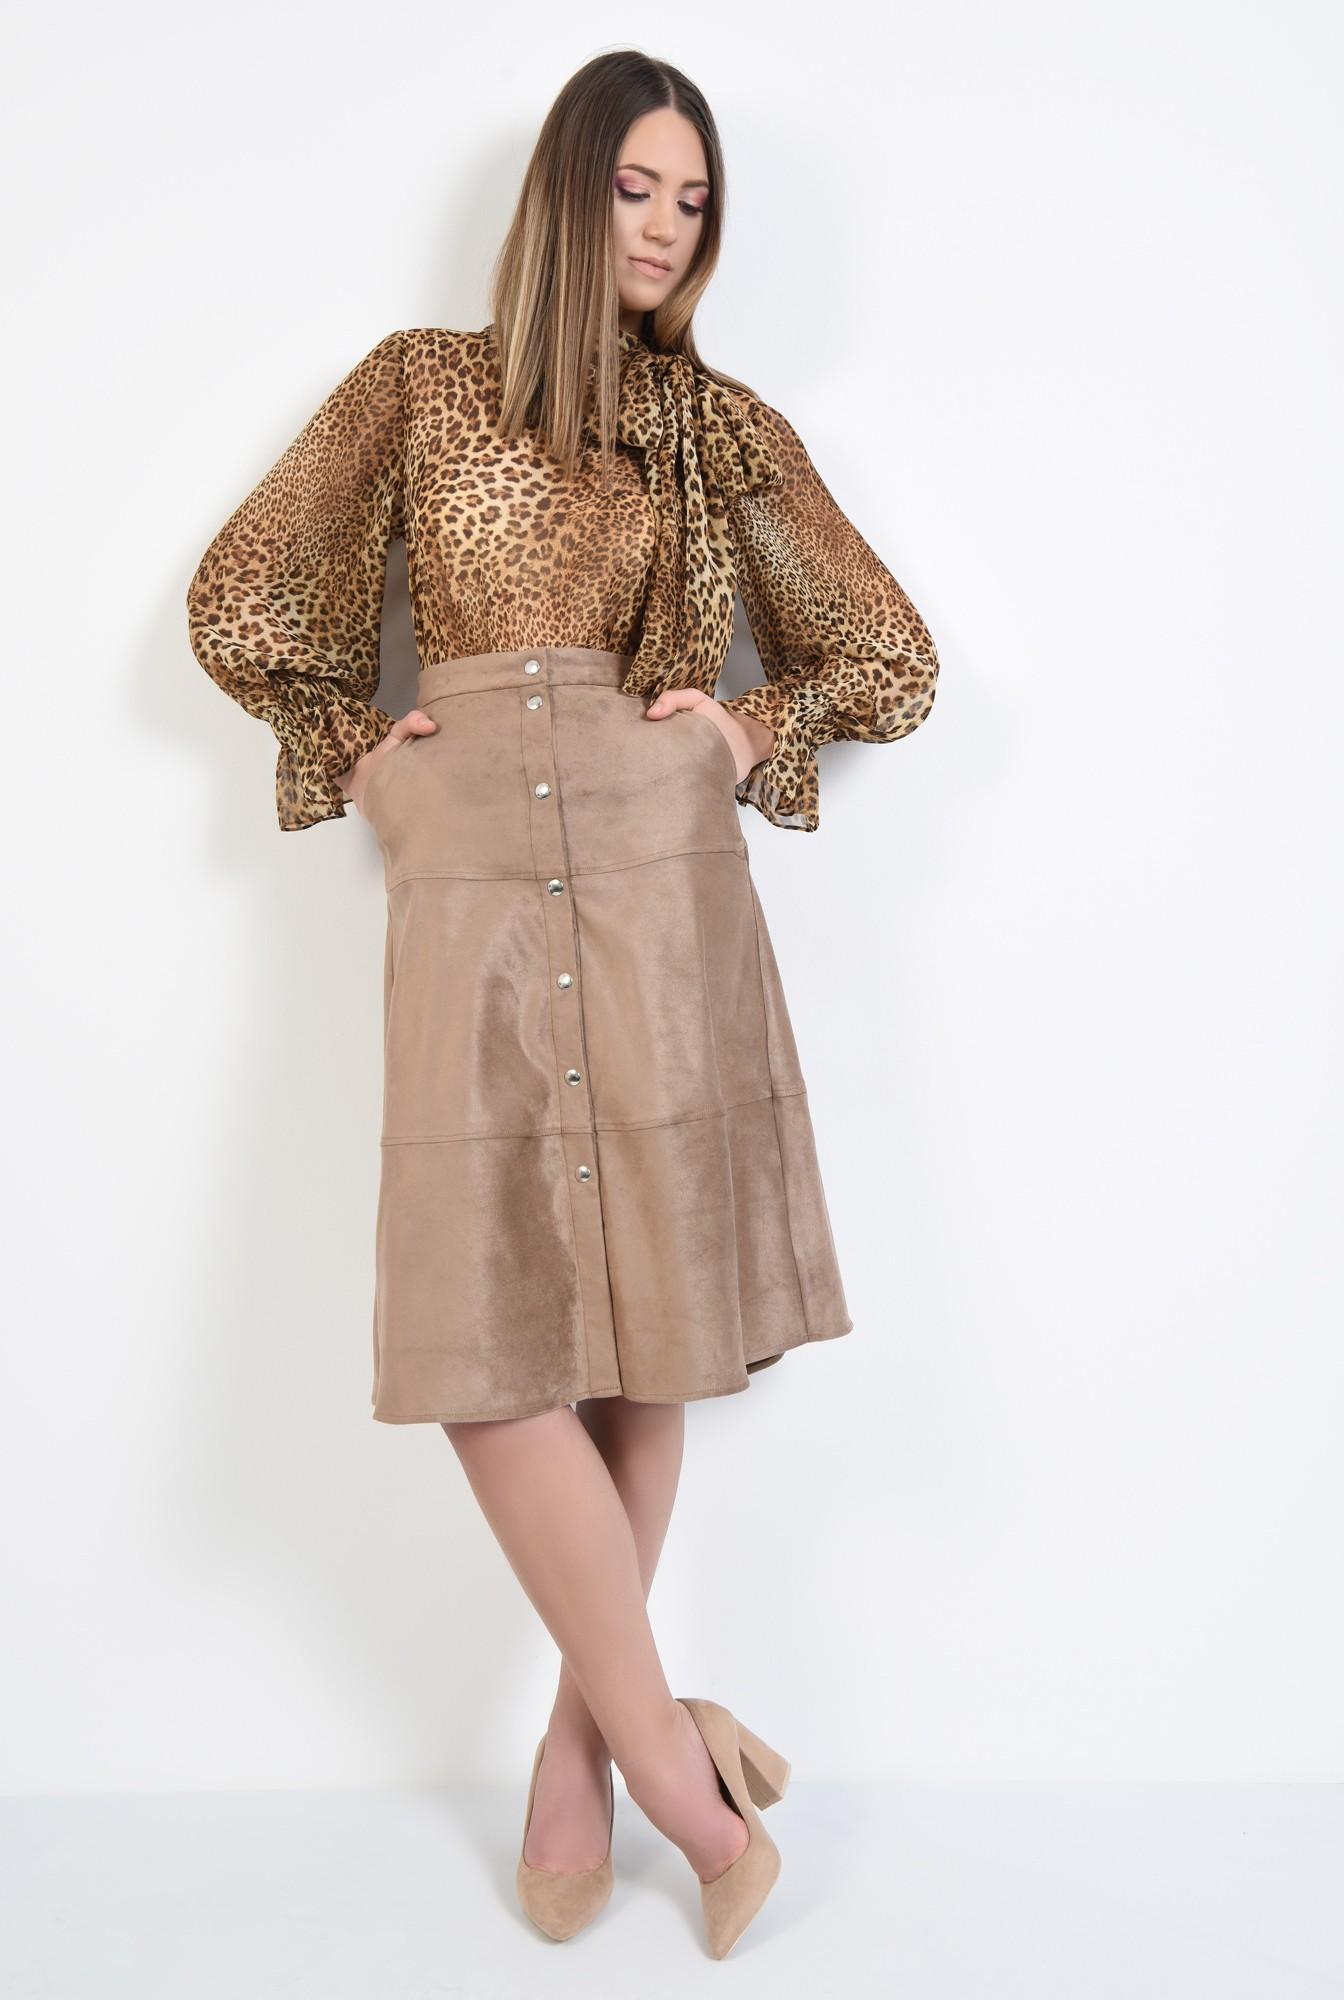 3 - fusta din velur, inchidere cu capse, cusaturi decorative, buzunare